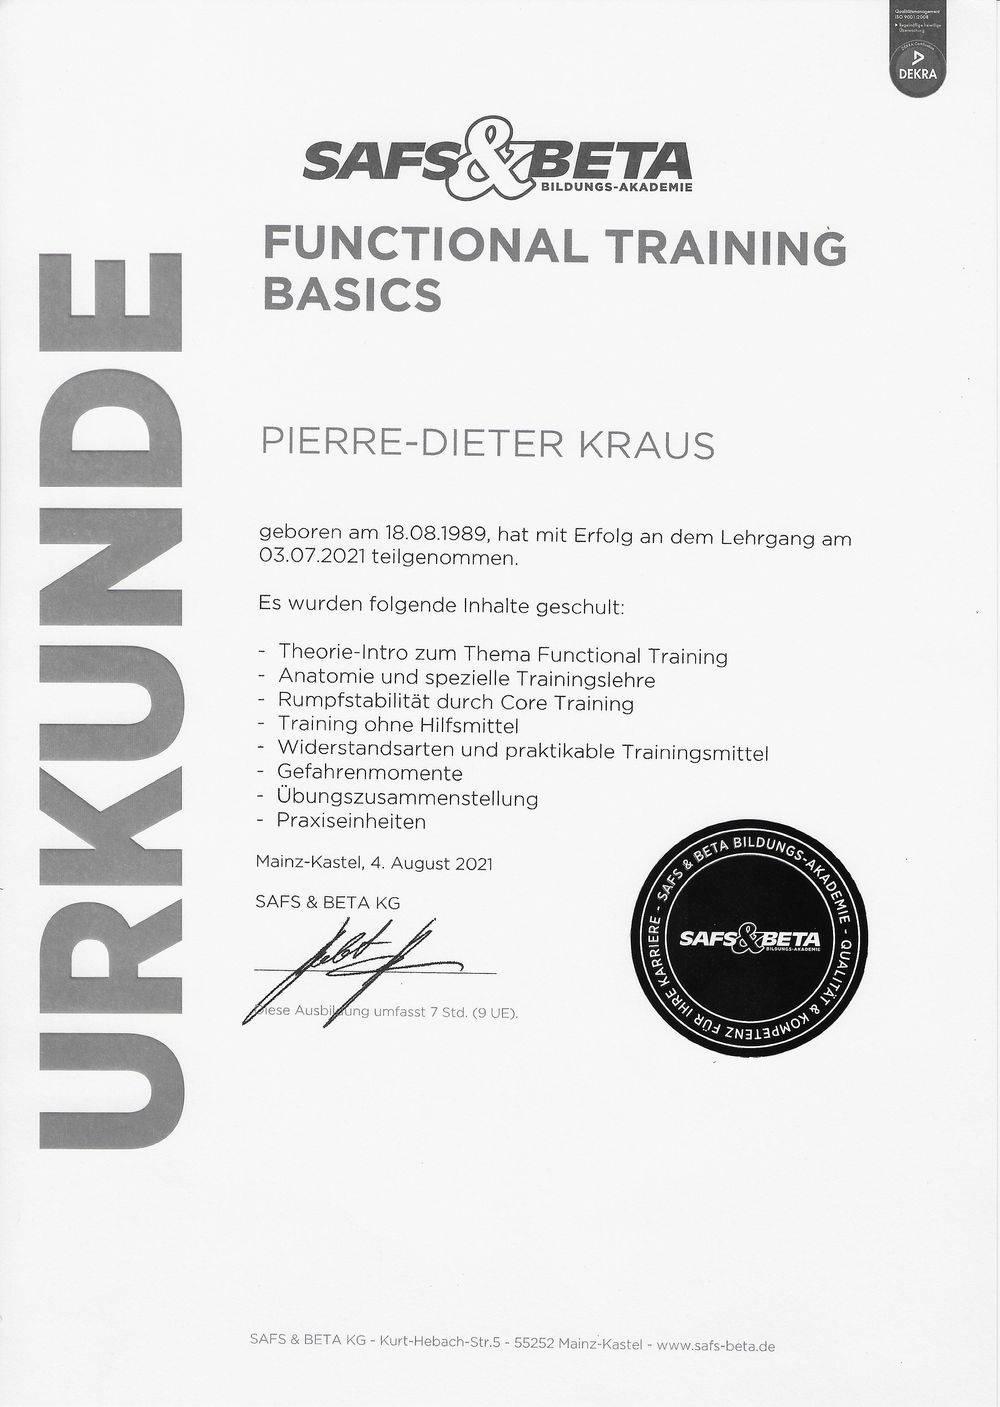 Function Training